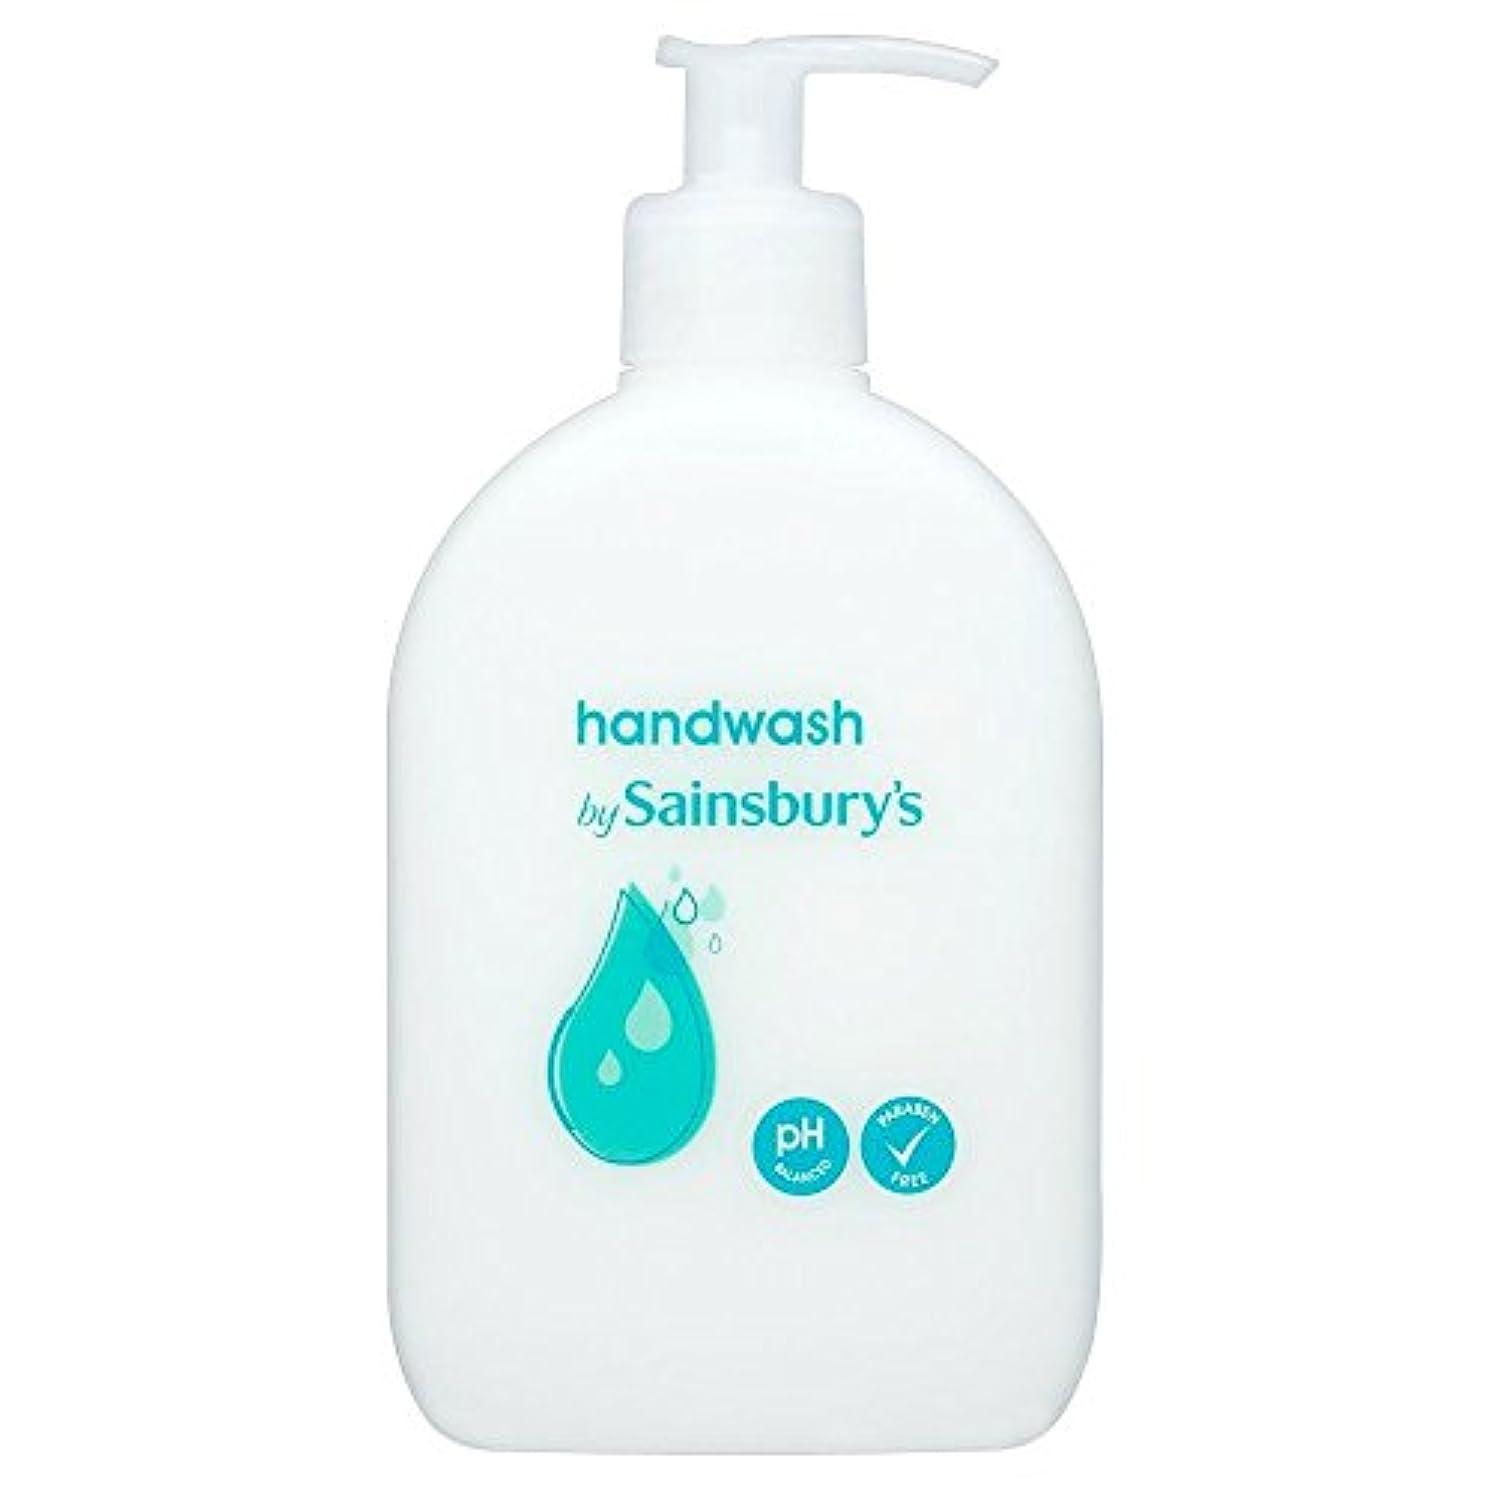 ツイン同等のぴったりSainsbury's Handwash, White 500ml (Pack of 6) - (Sainsbury's) 手洗い、白500ミリリットル (x6) [並行輸入品]